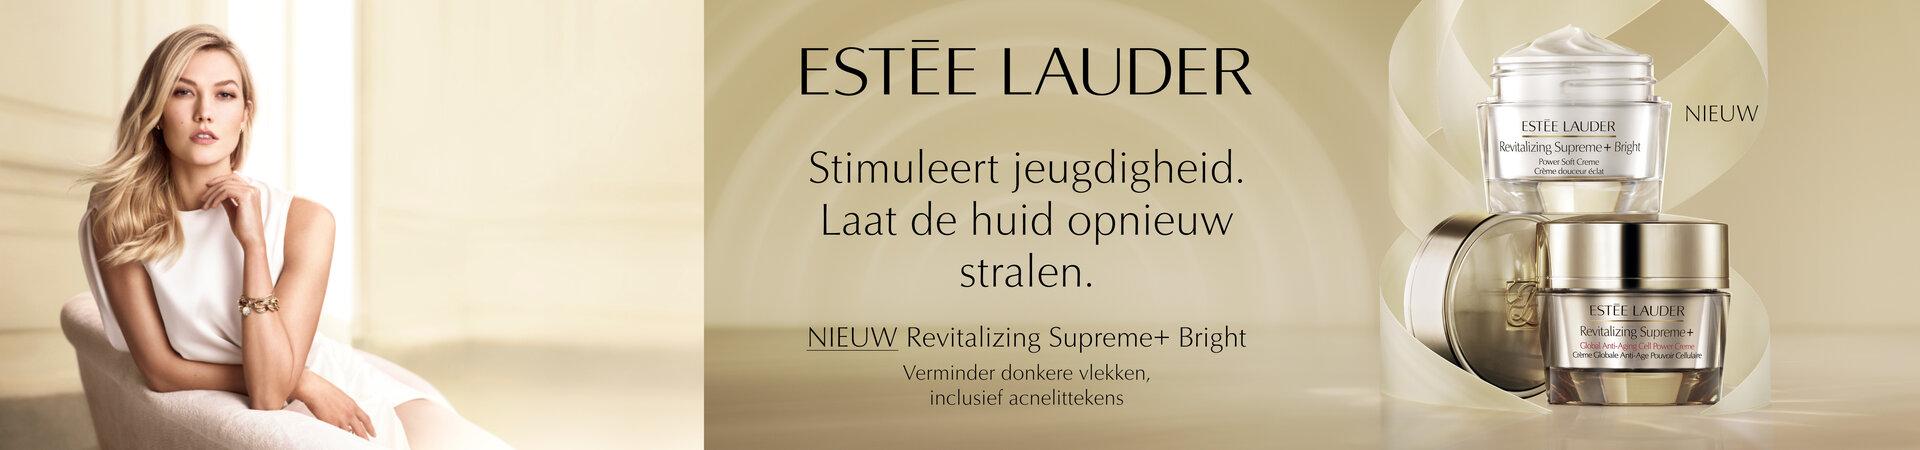 Revitalizing Supreme+